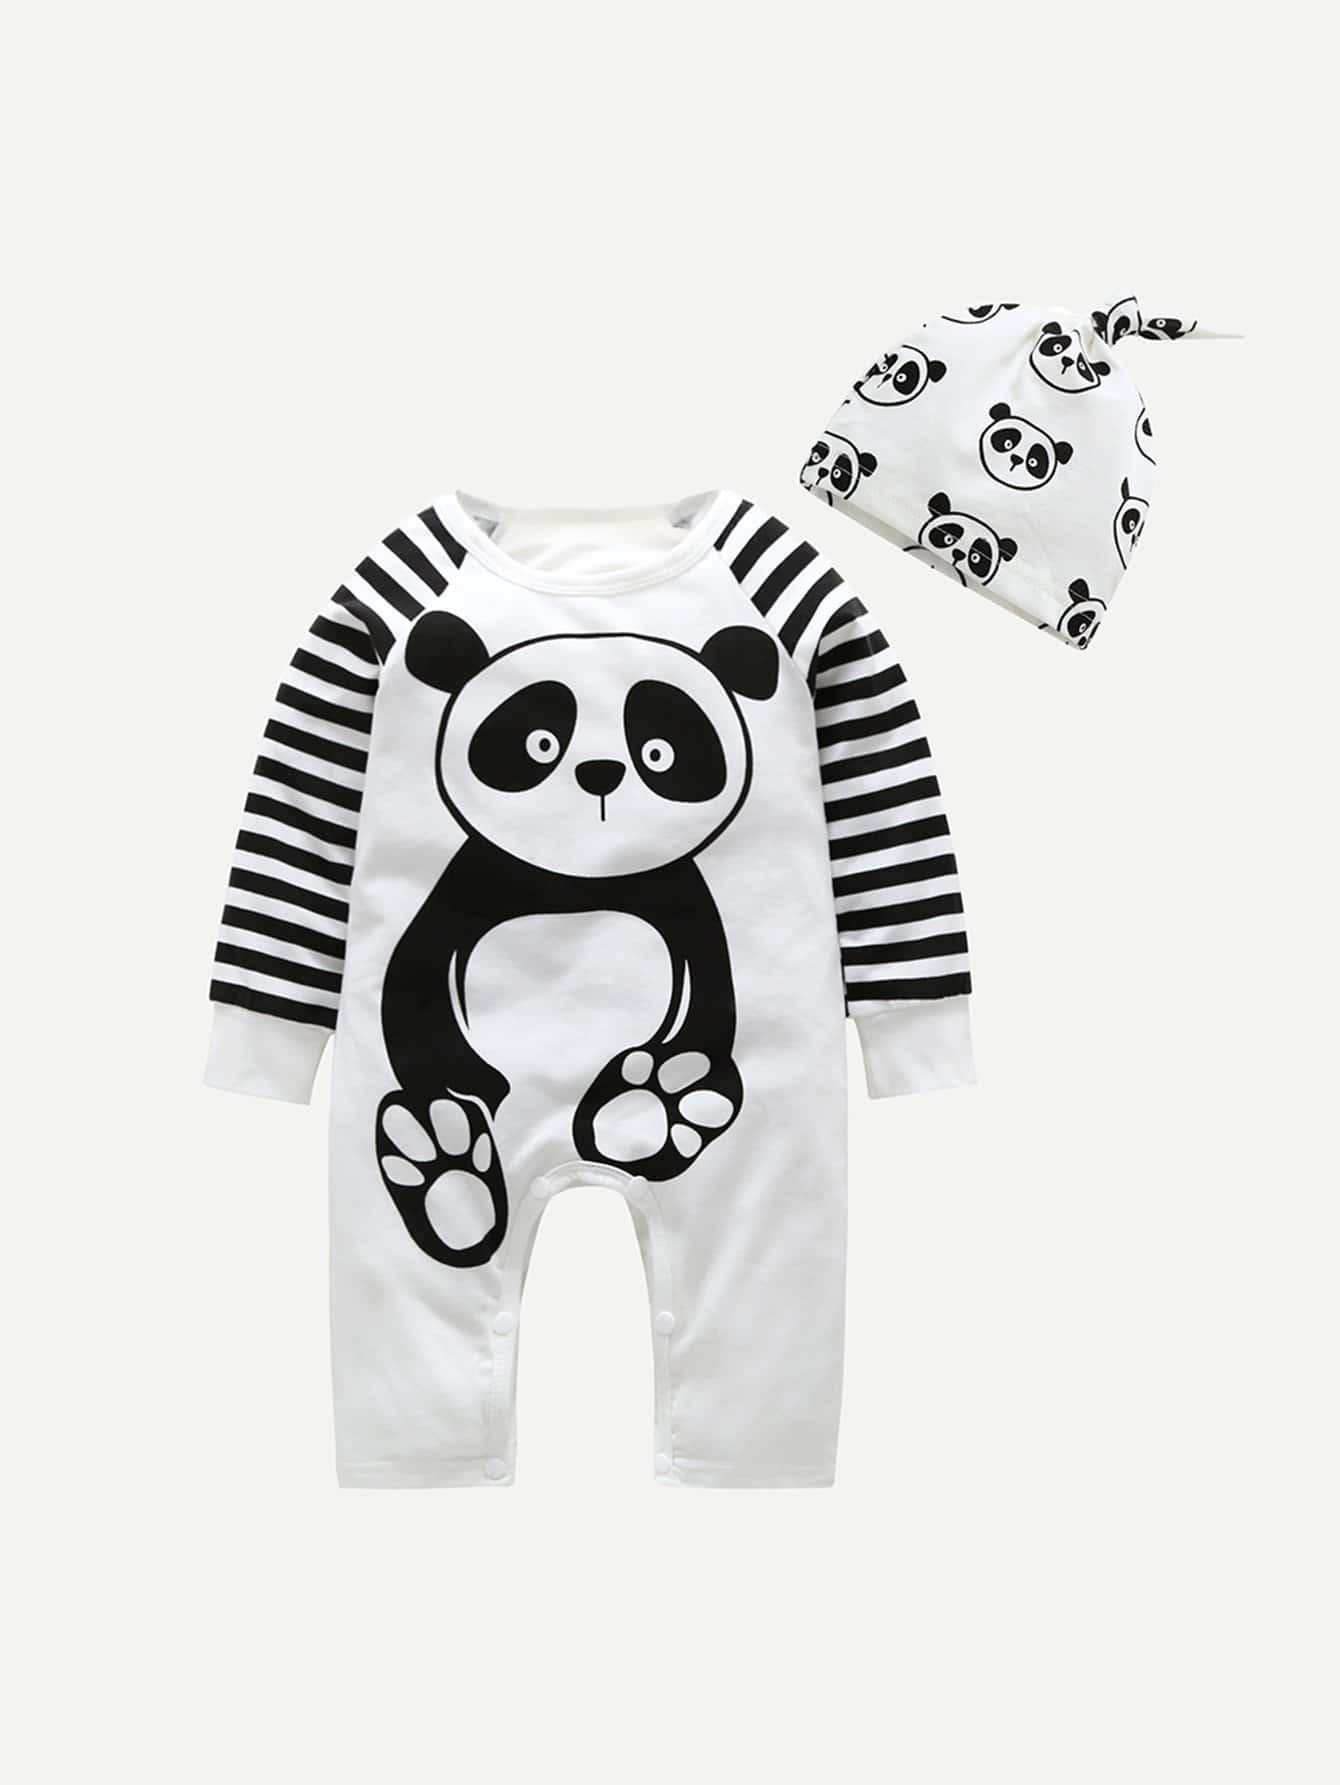 Купить Комбинезон с рисунком панды и со симметрическими полосатыми рукавами и шляпка для мальчика, null, SheIn